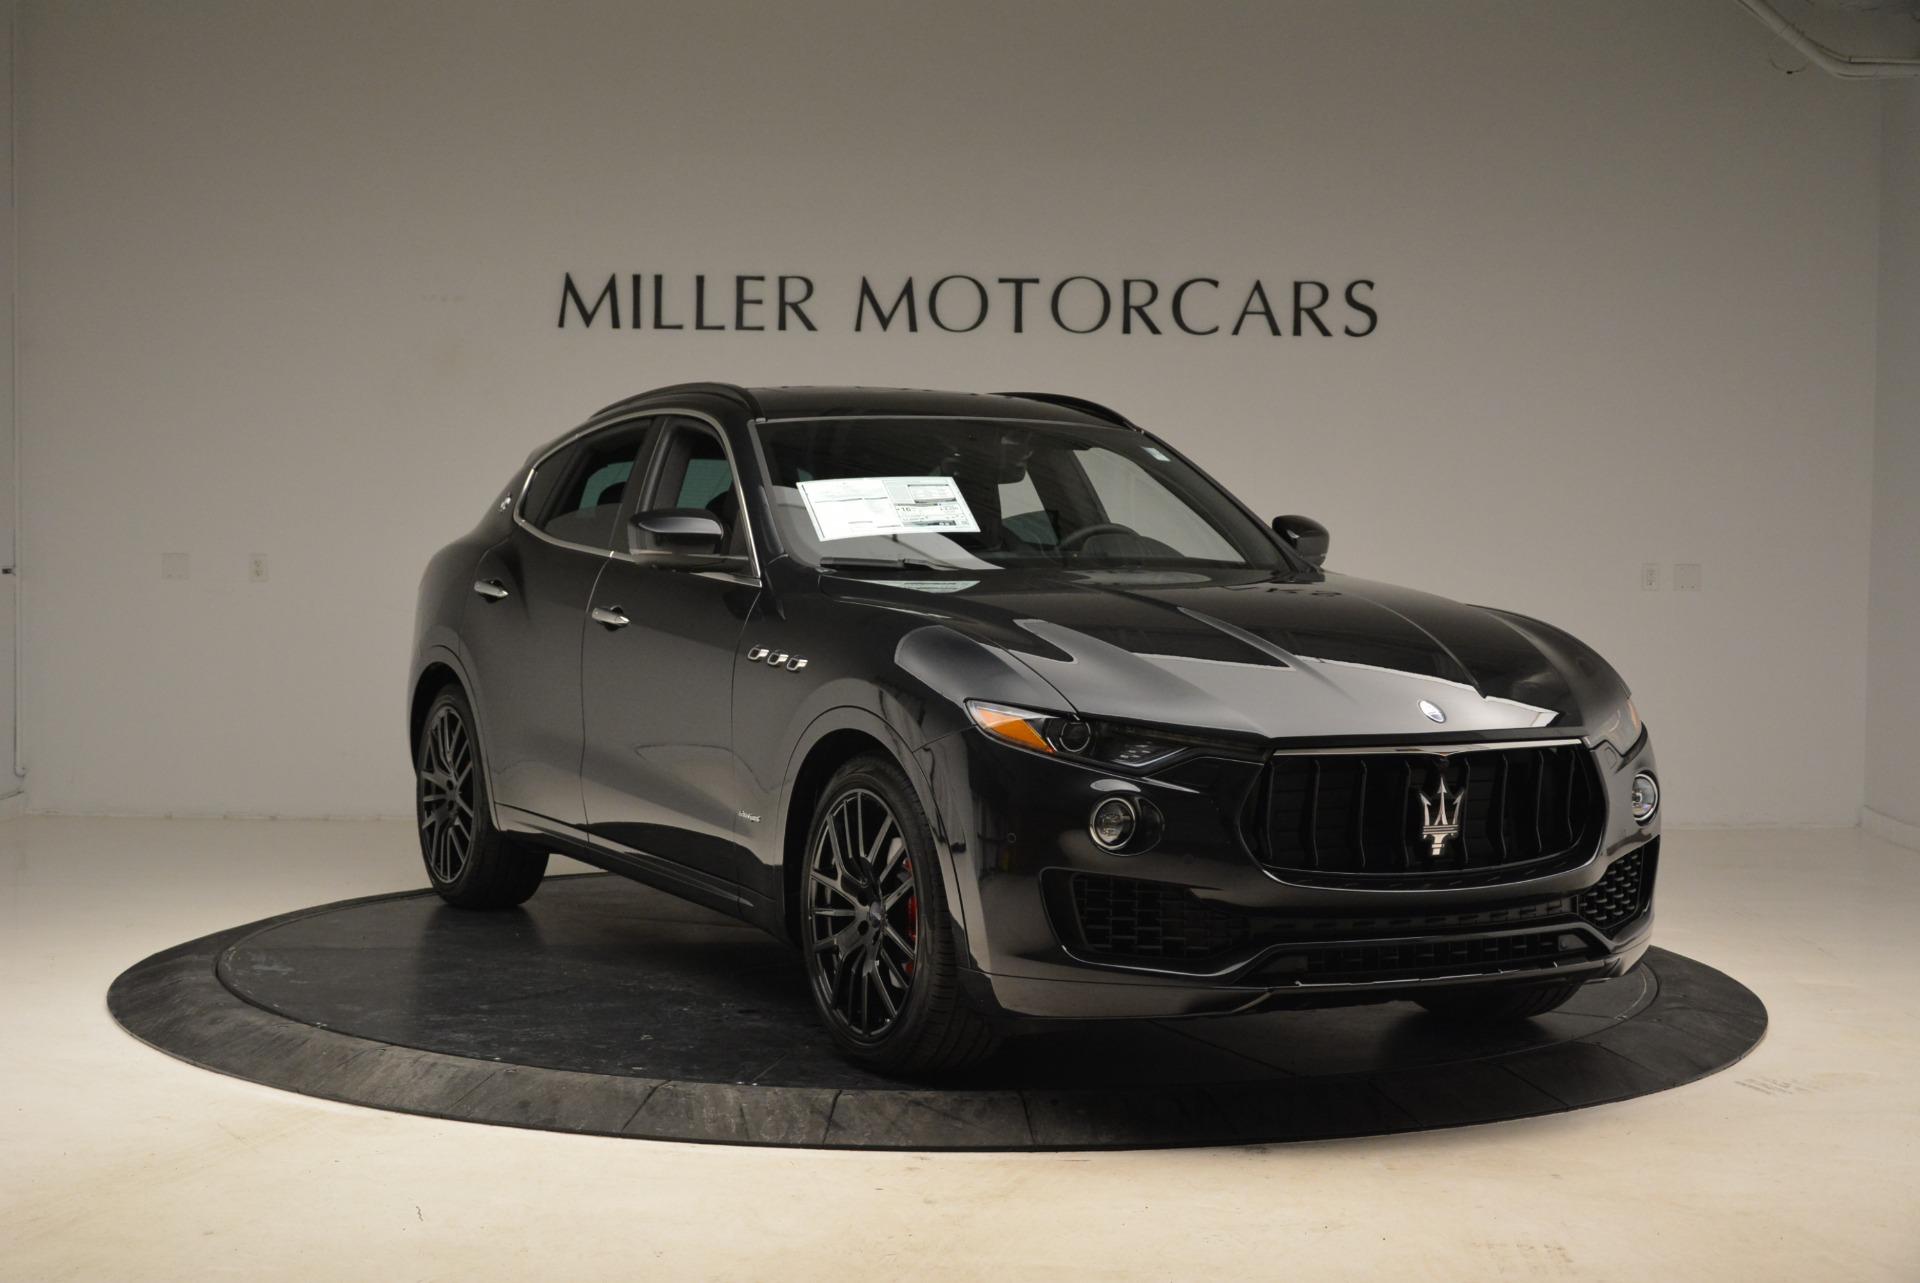 New 2018 Maserati Levante S Q4 GranSport For Sale In Westport, CT 2193_p11